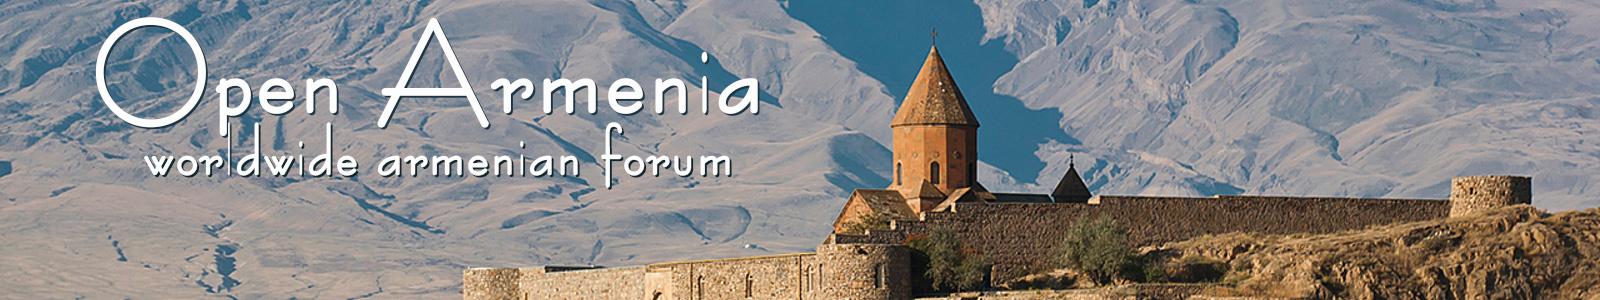 Open Armenia